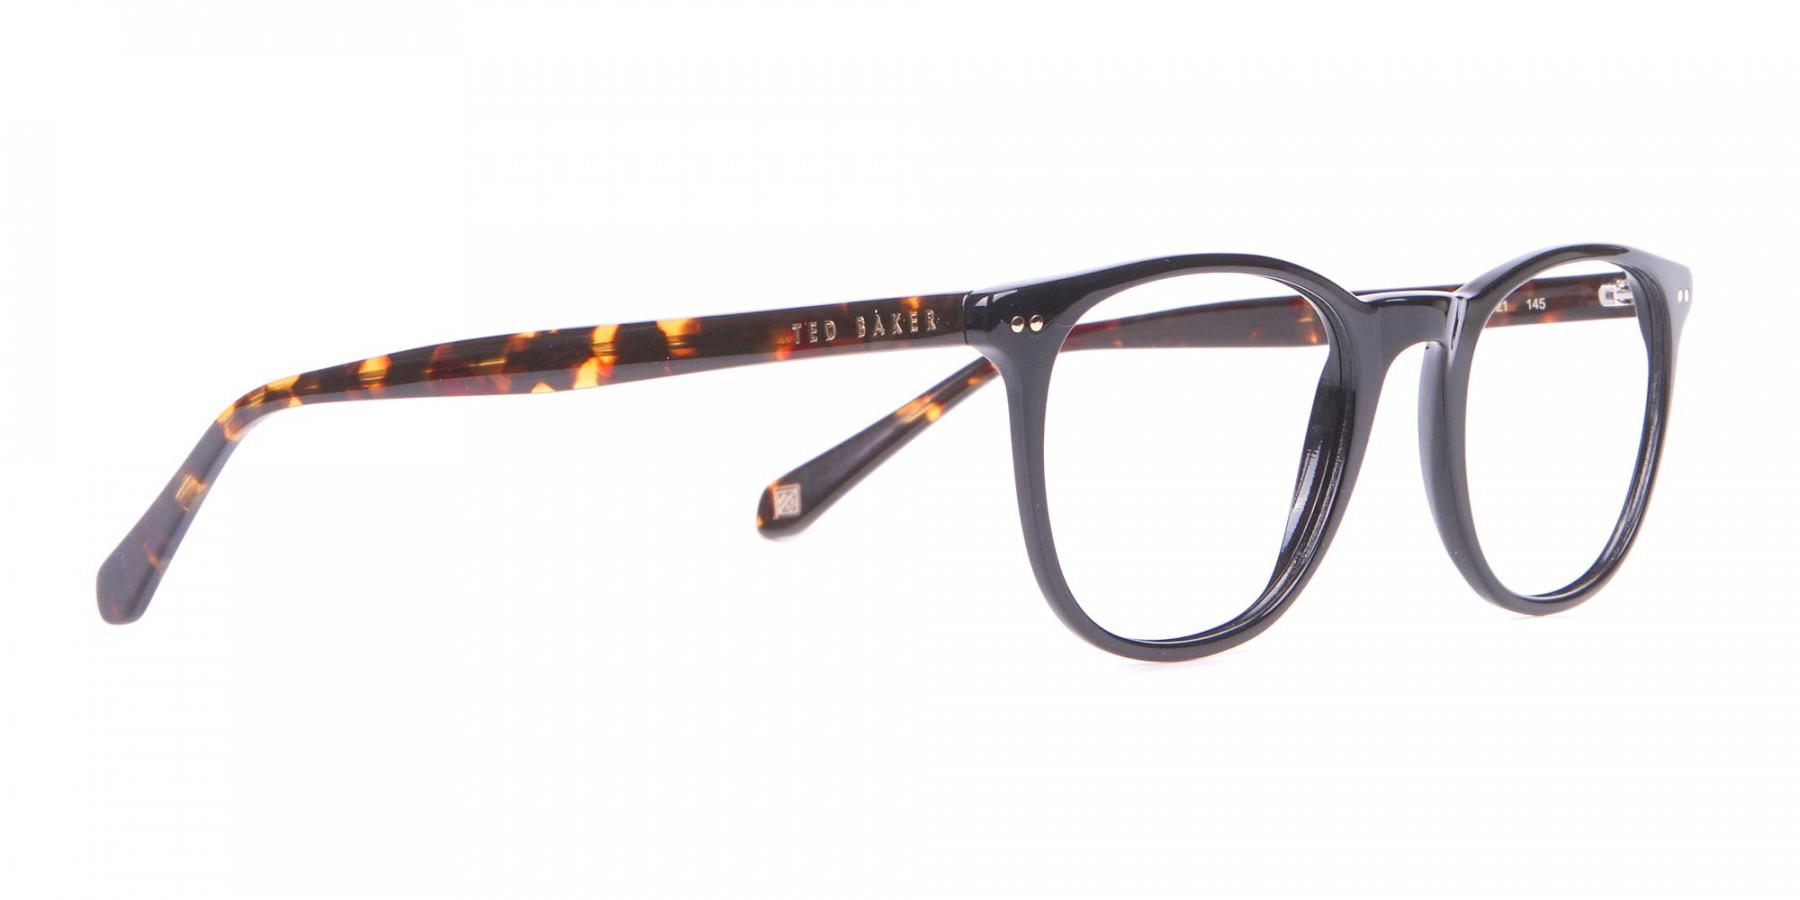 TED BAKER TB8120 Denny Round Glasses Black & Tortoise-1